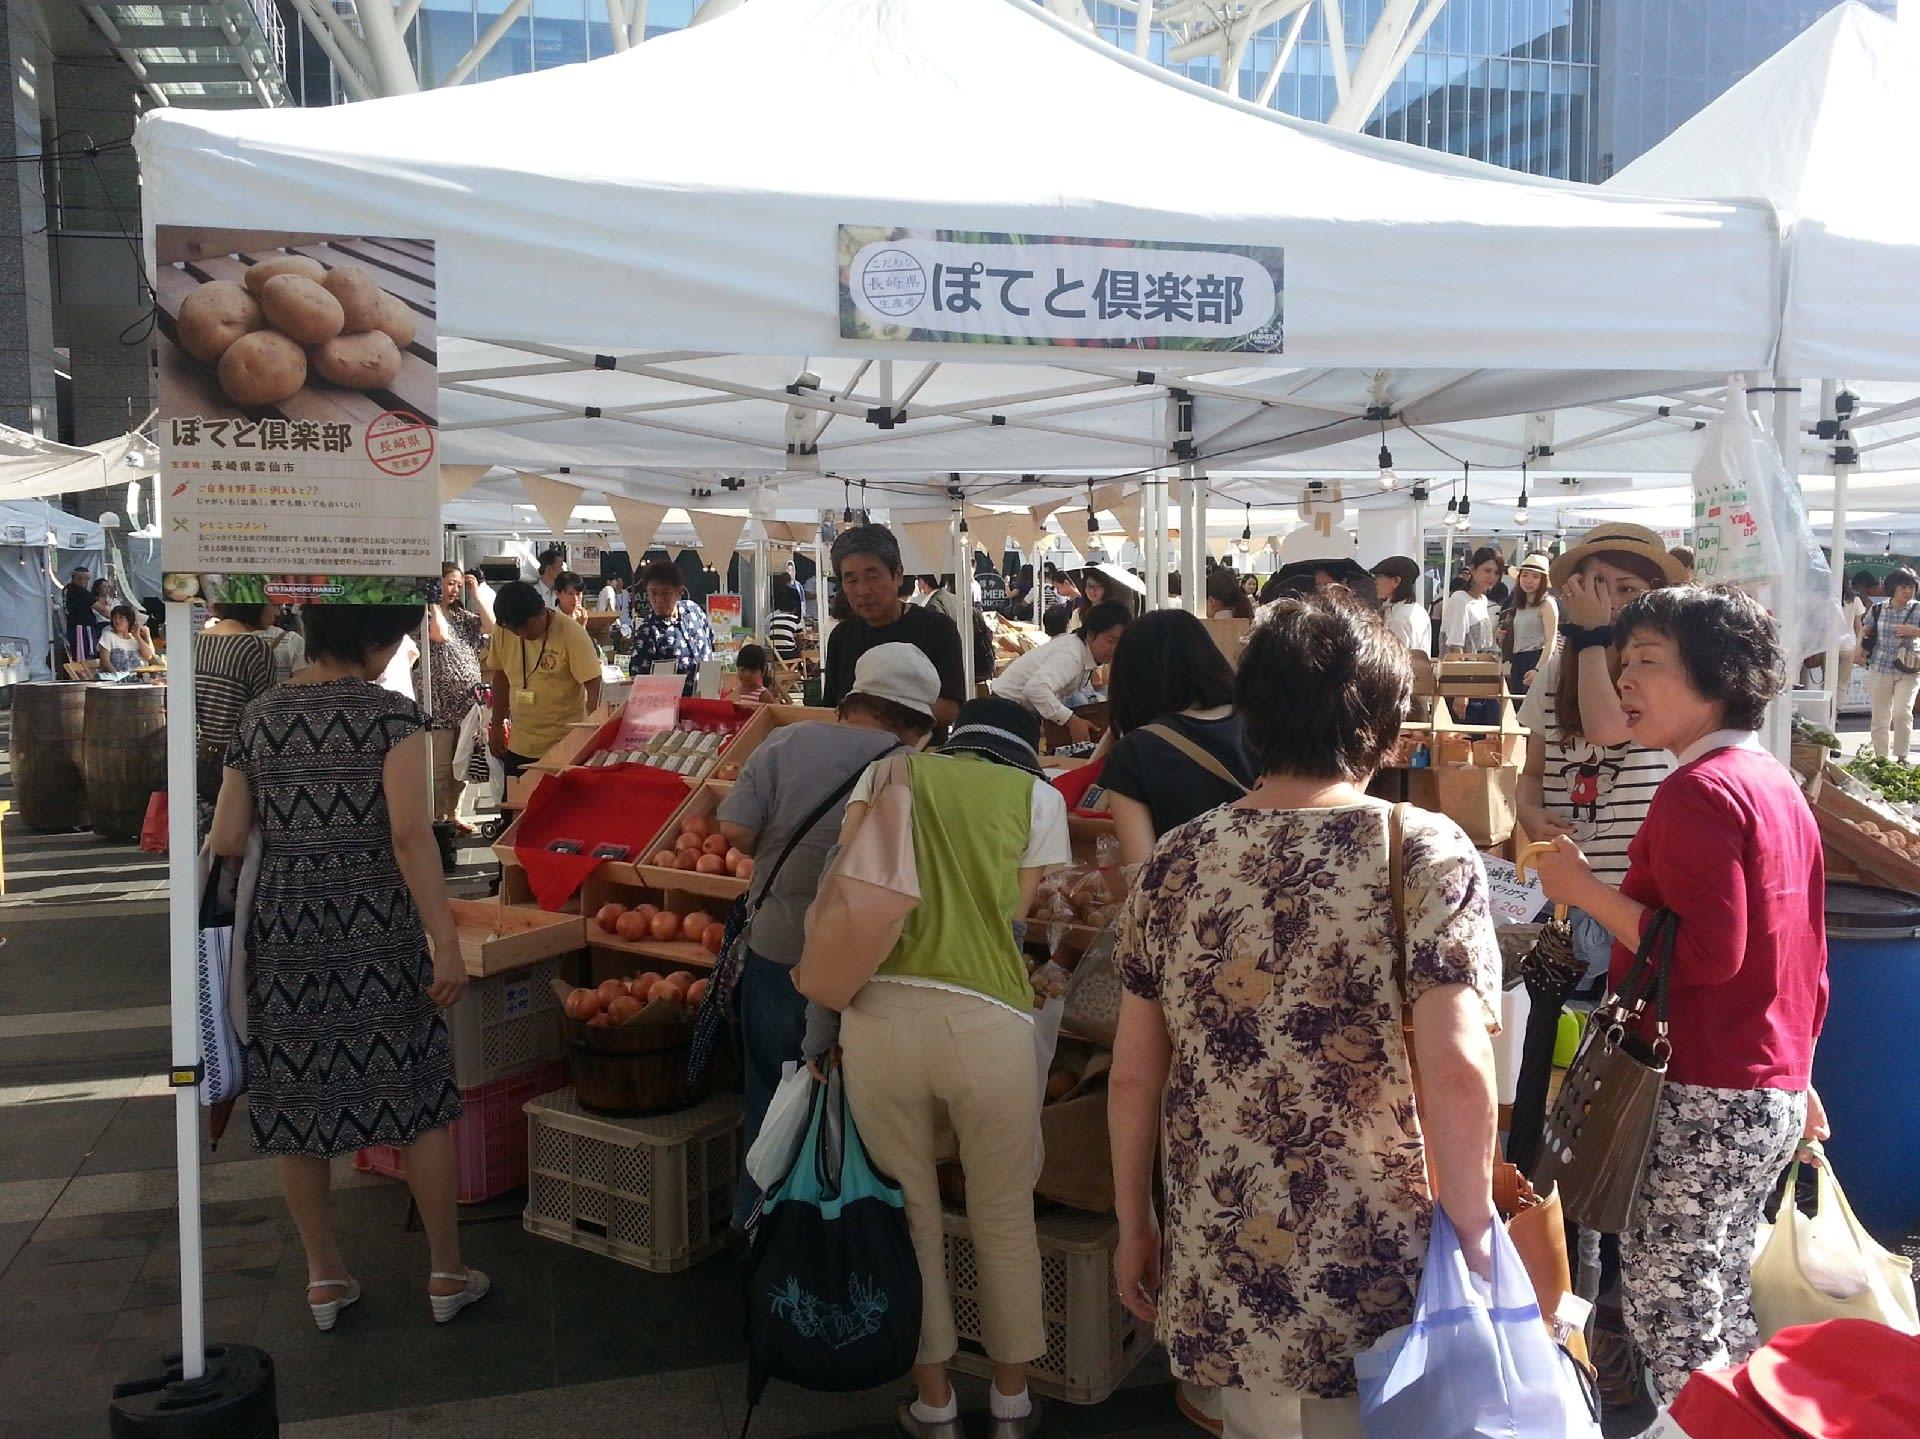 ――そんな永田さんの農作物を通販で購入できるのはうれしいことです。販売をはじめたきっかけはなんだったのでしょう?